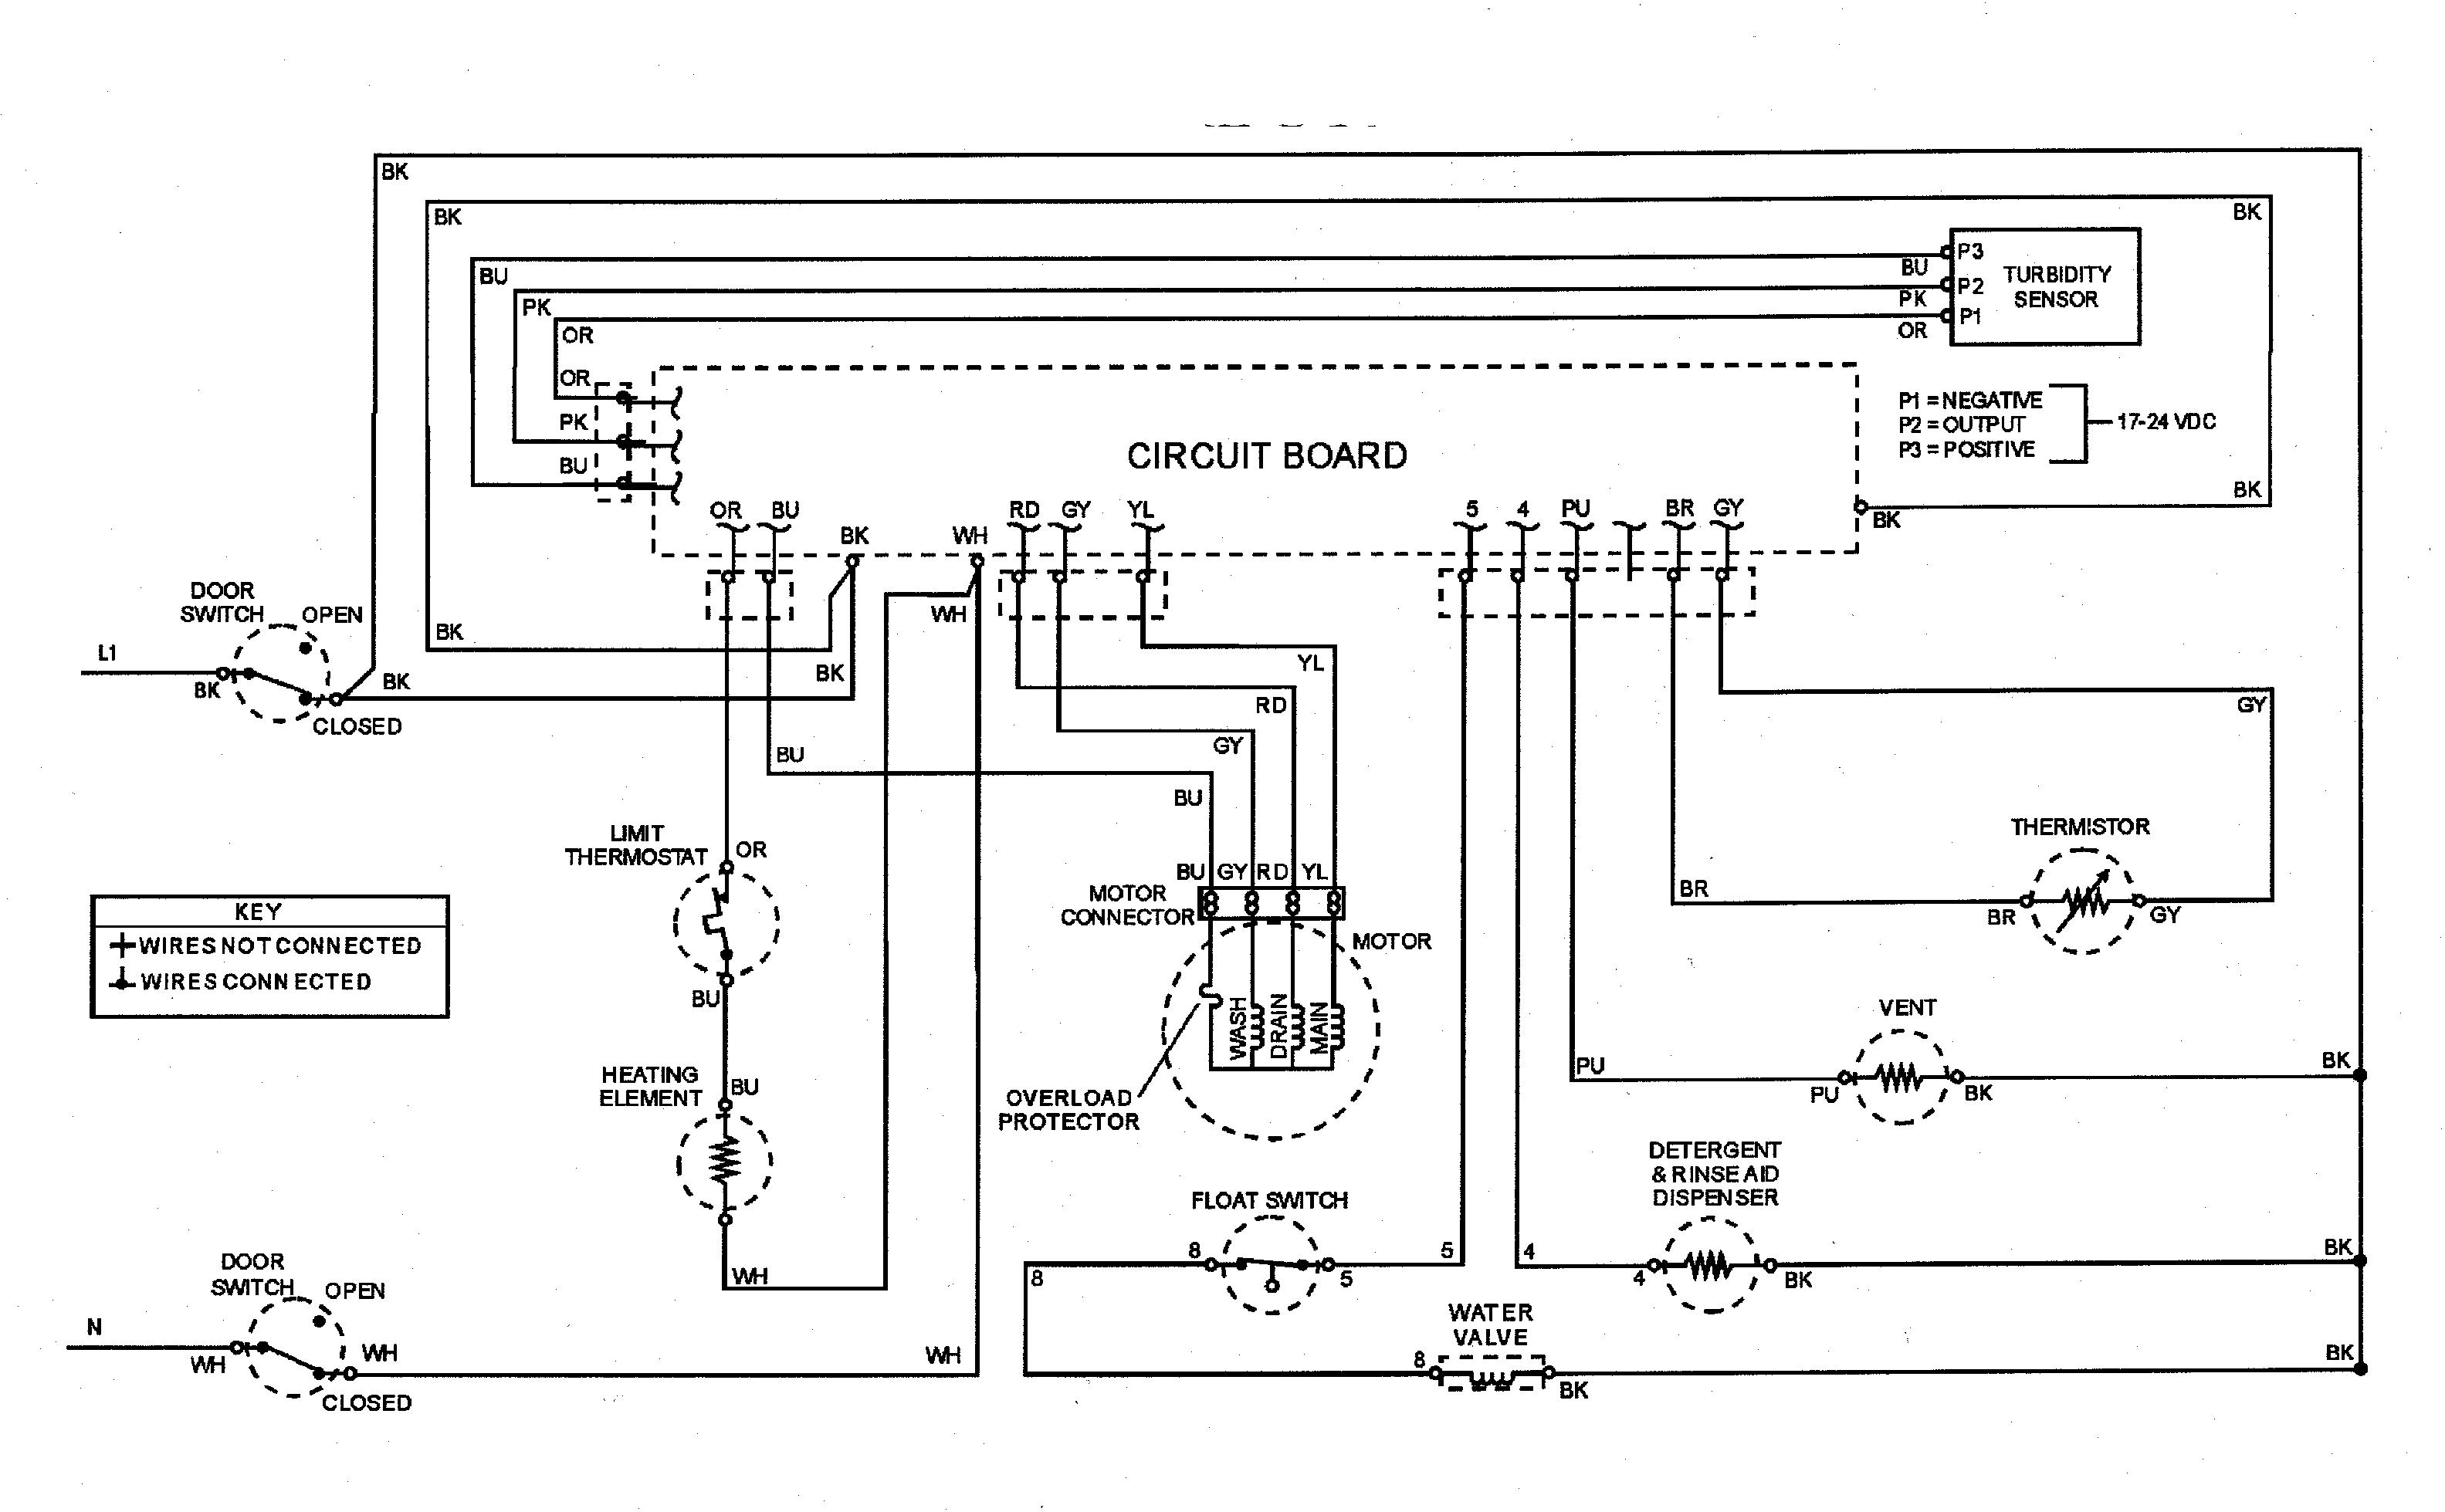 maytag dishwasher control panel parts model mdb9150awb